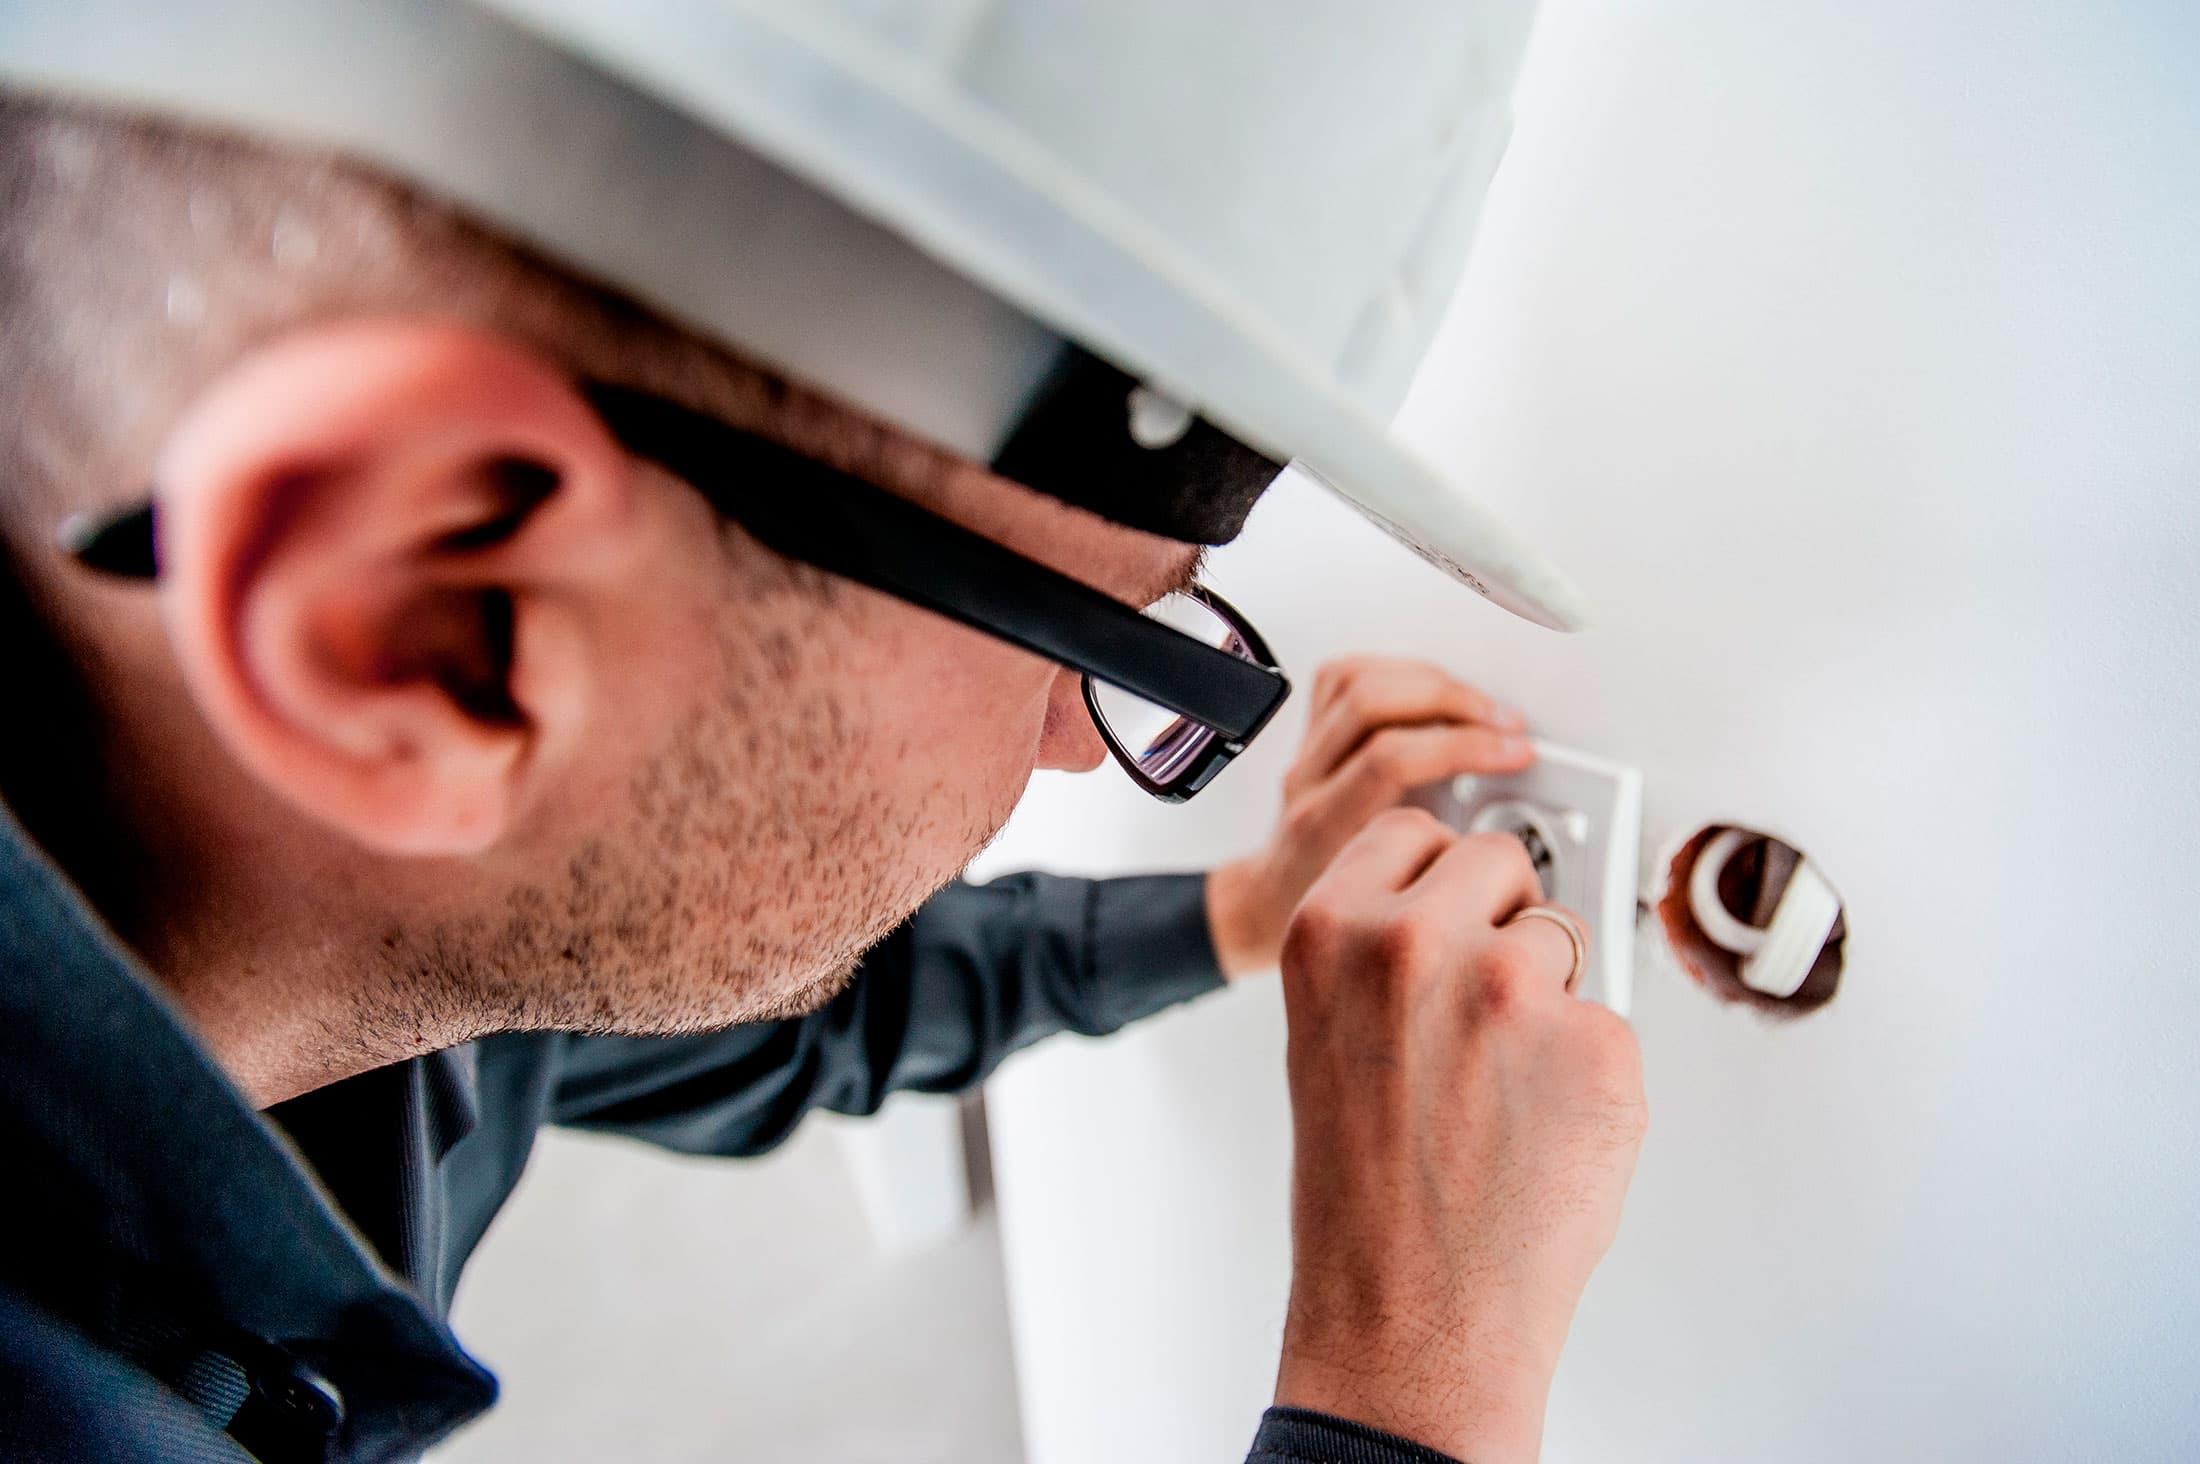 servicios de mantenimiento electricidad